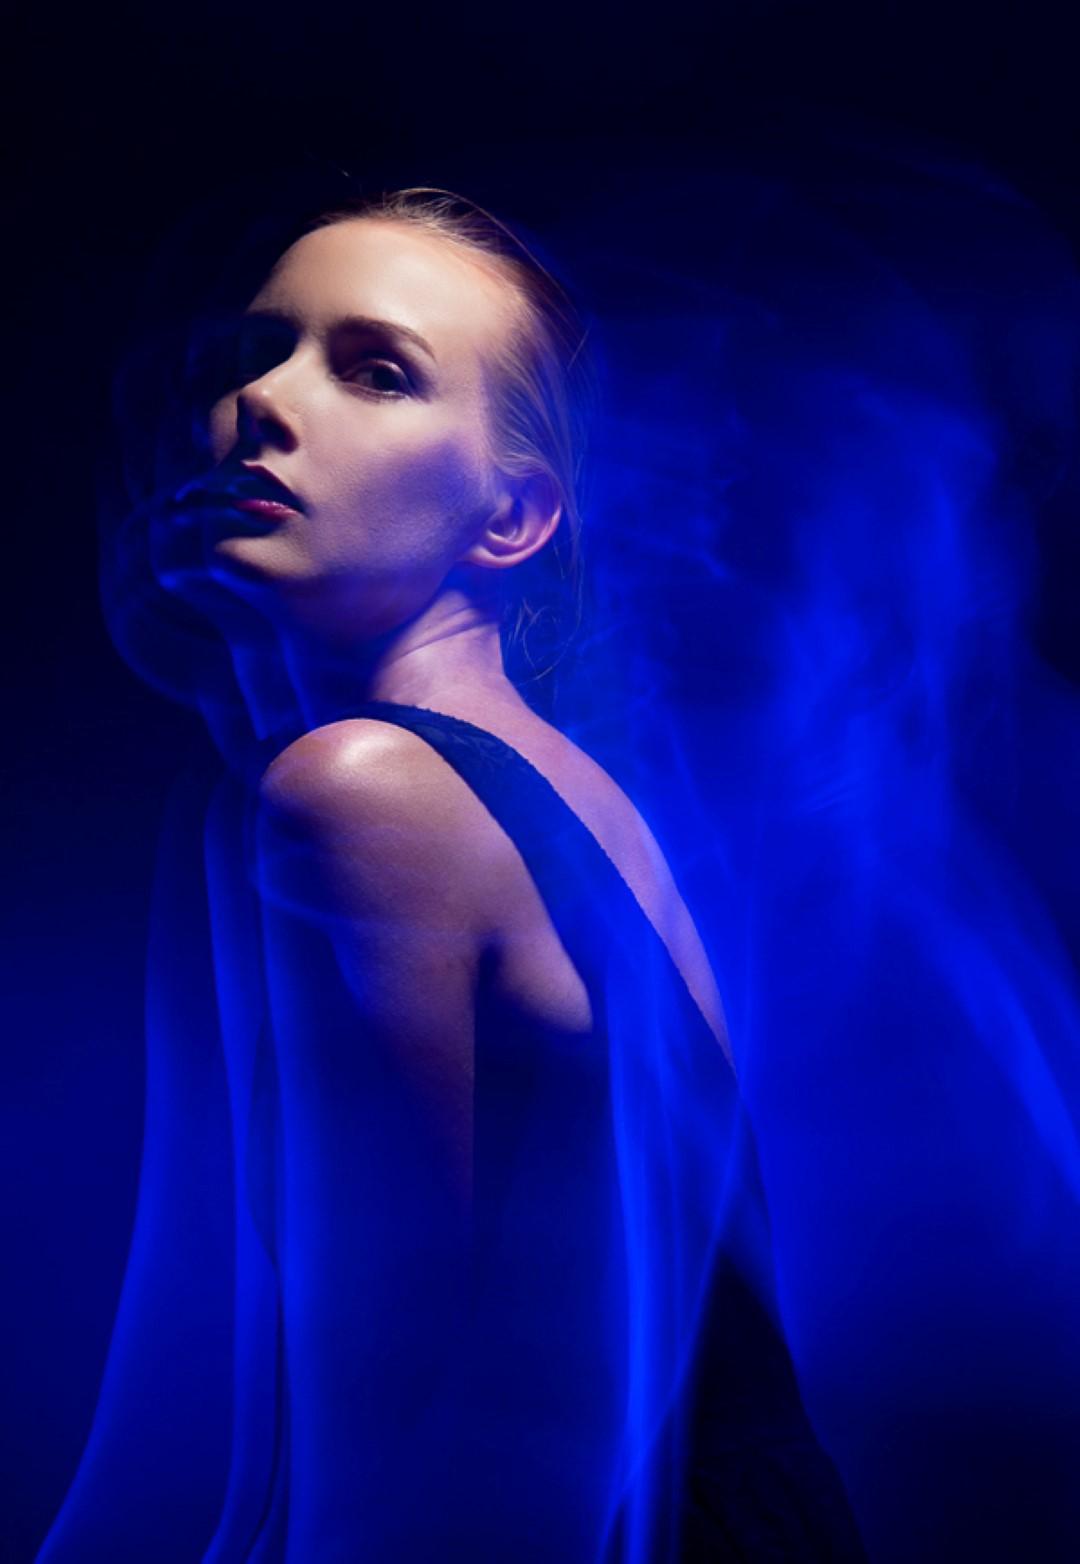 Fashion Model Photography In Dubai